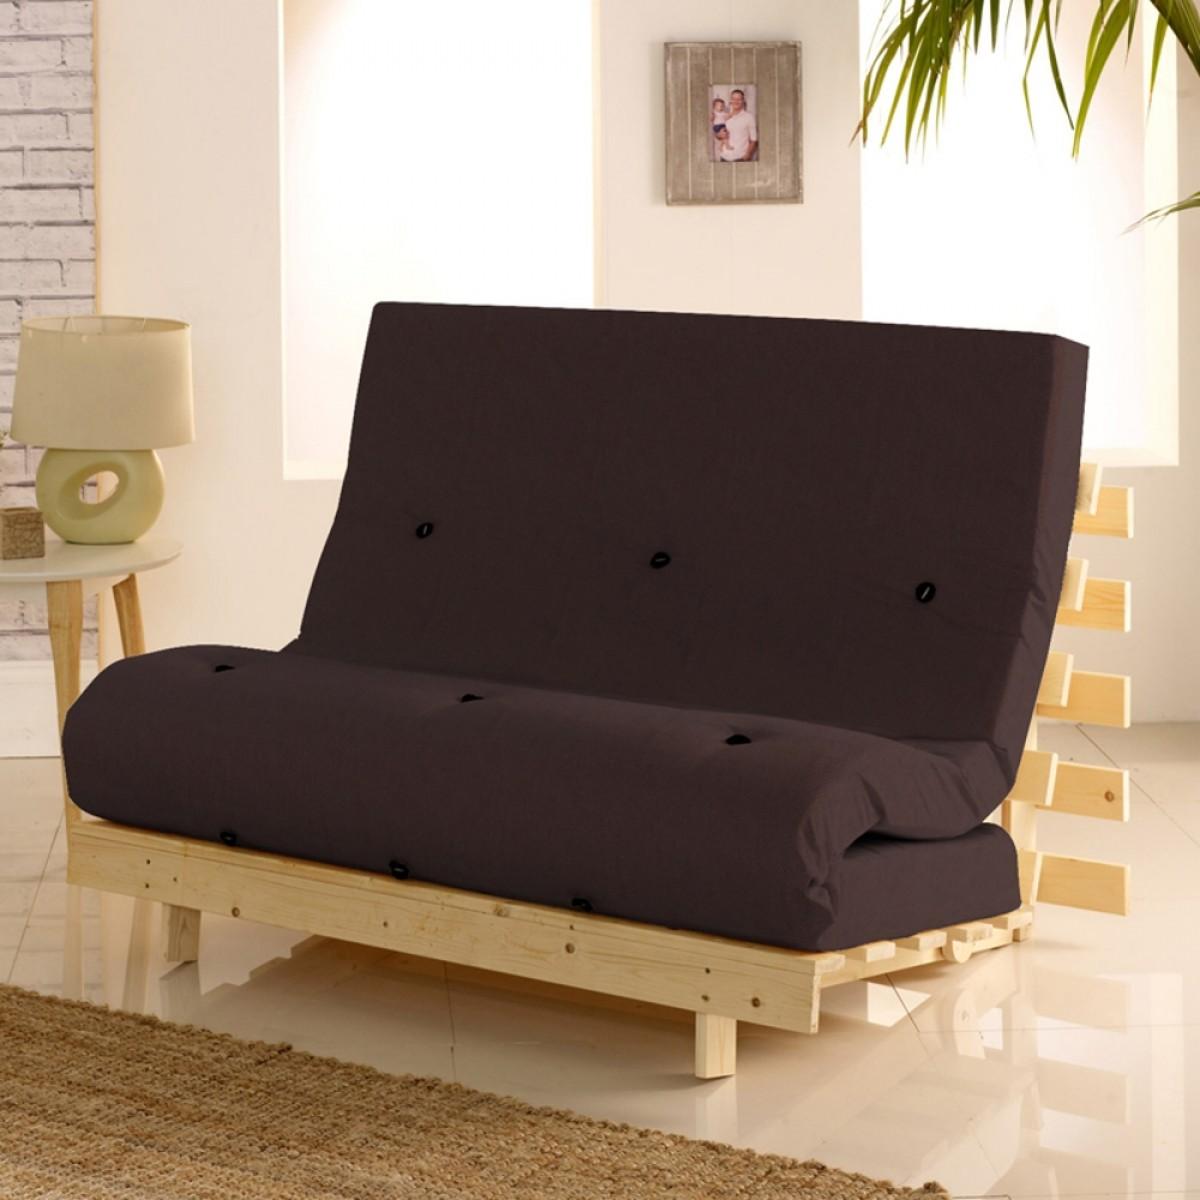 buy online 07d28 add3d Metro Wooden Folding Guest Futon Brown Mattress